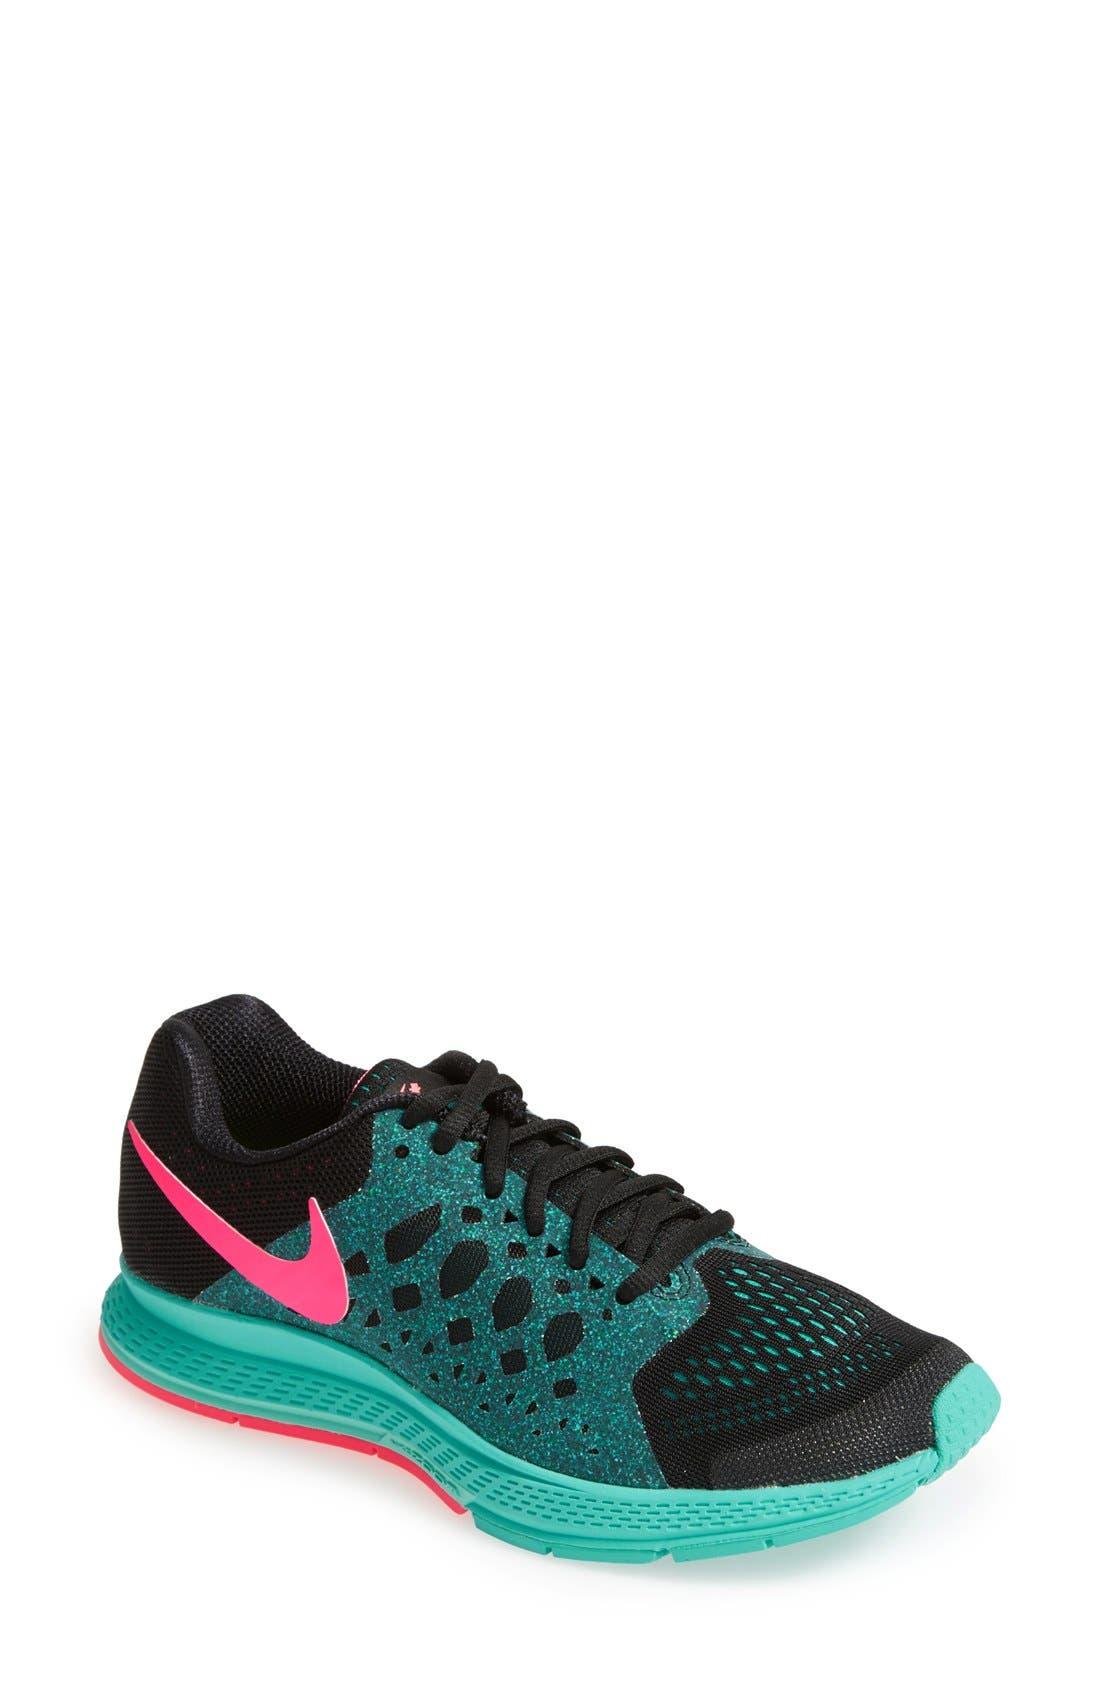 NIKE 'Air Pegasus 31' Running Shoe, Main, color, 002